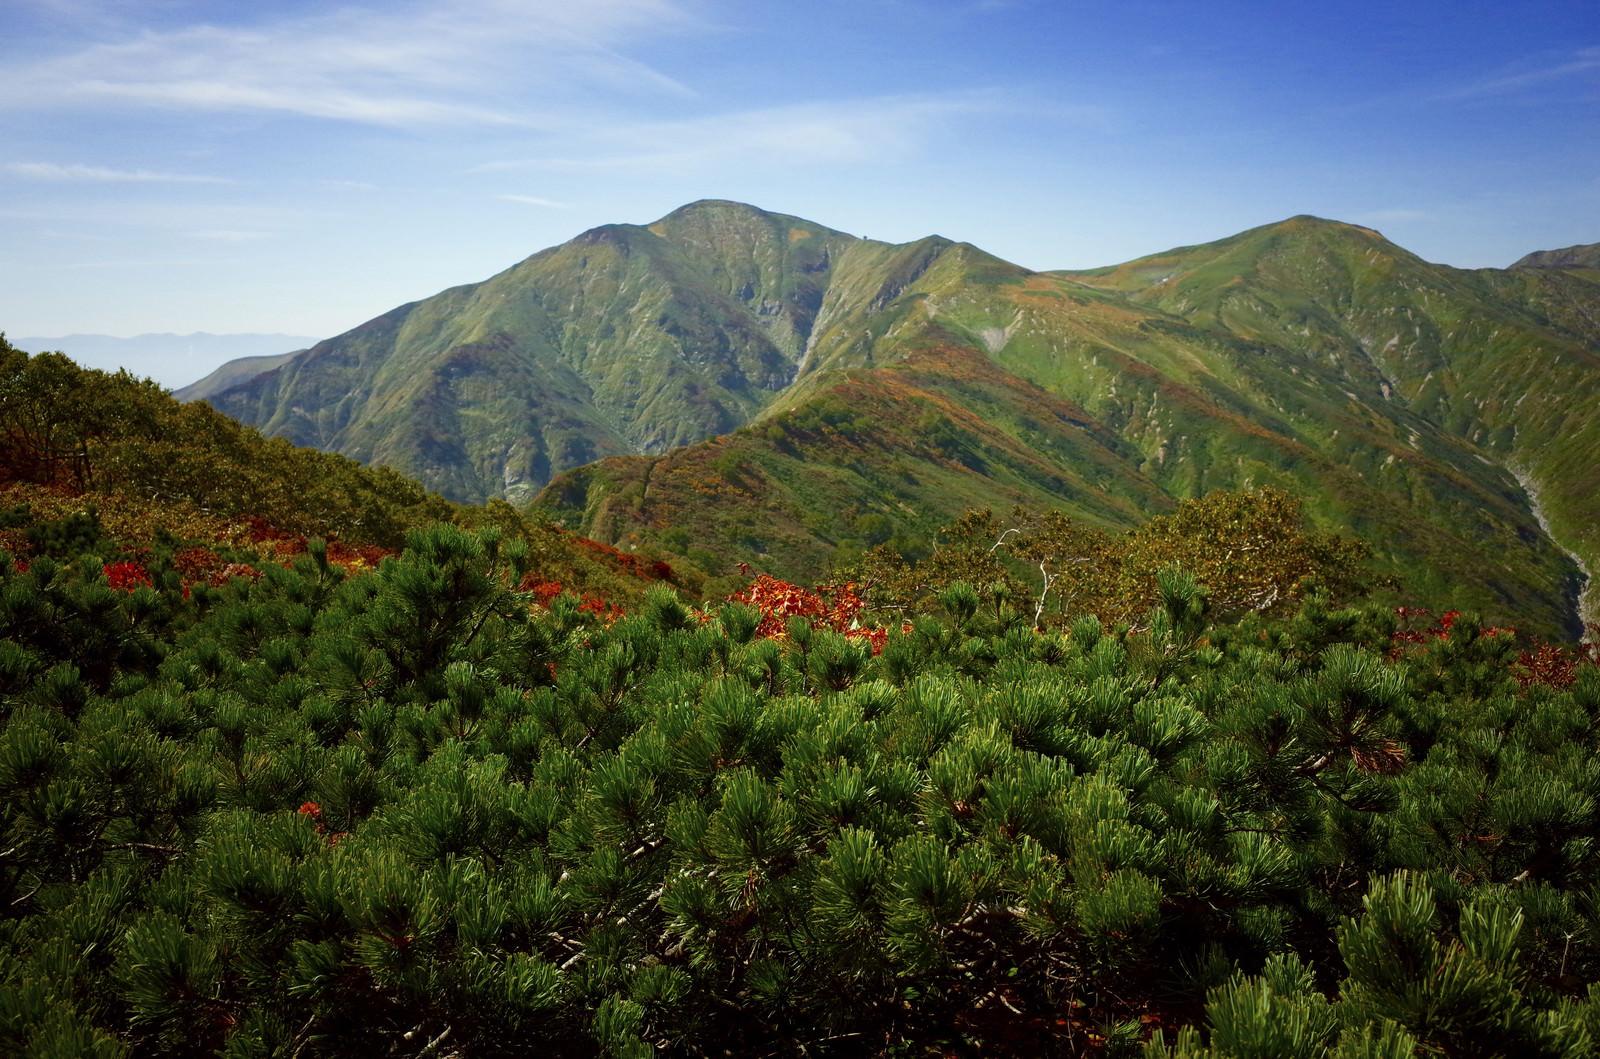 「ハイマツと紅葉の大朝日岳(おおあさひだけ)」の写真